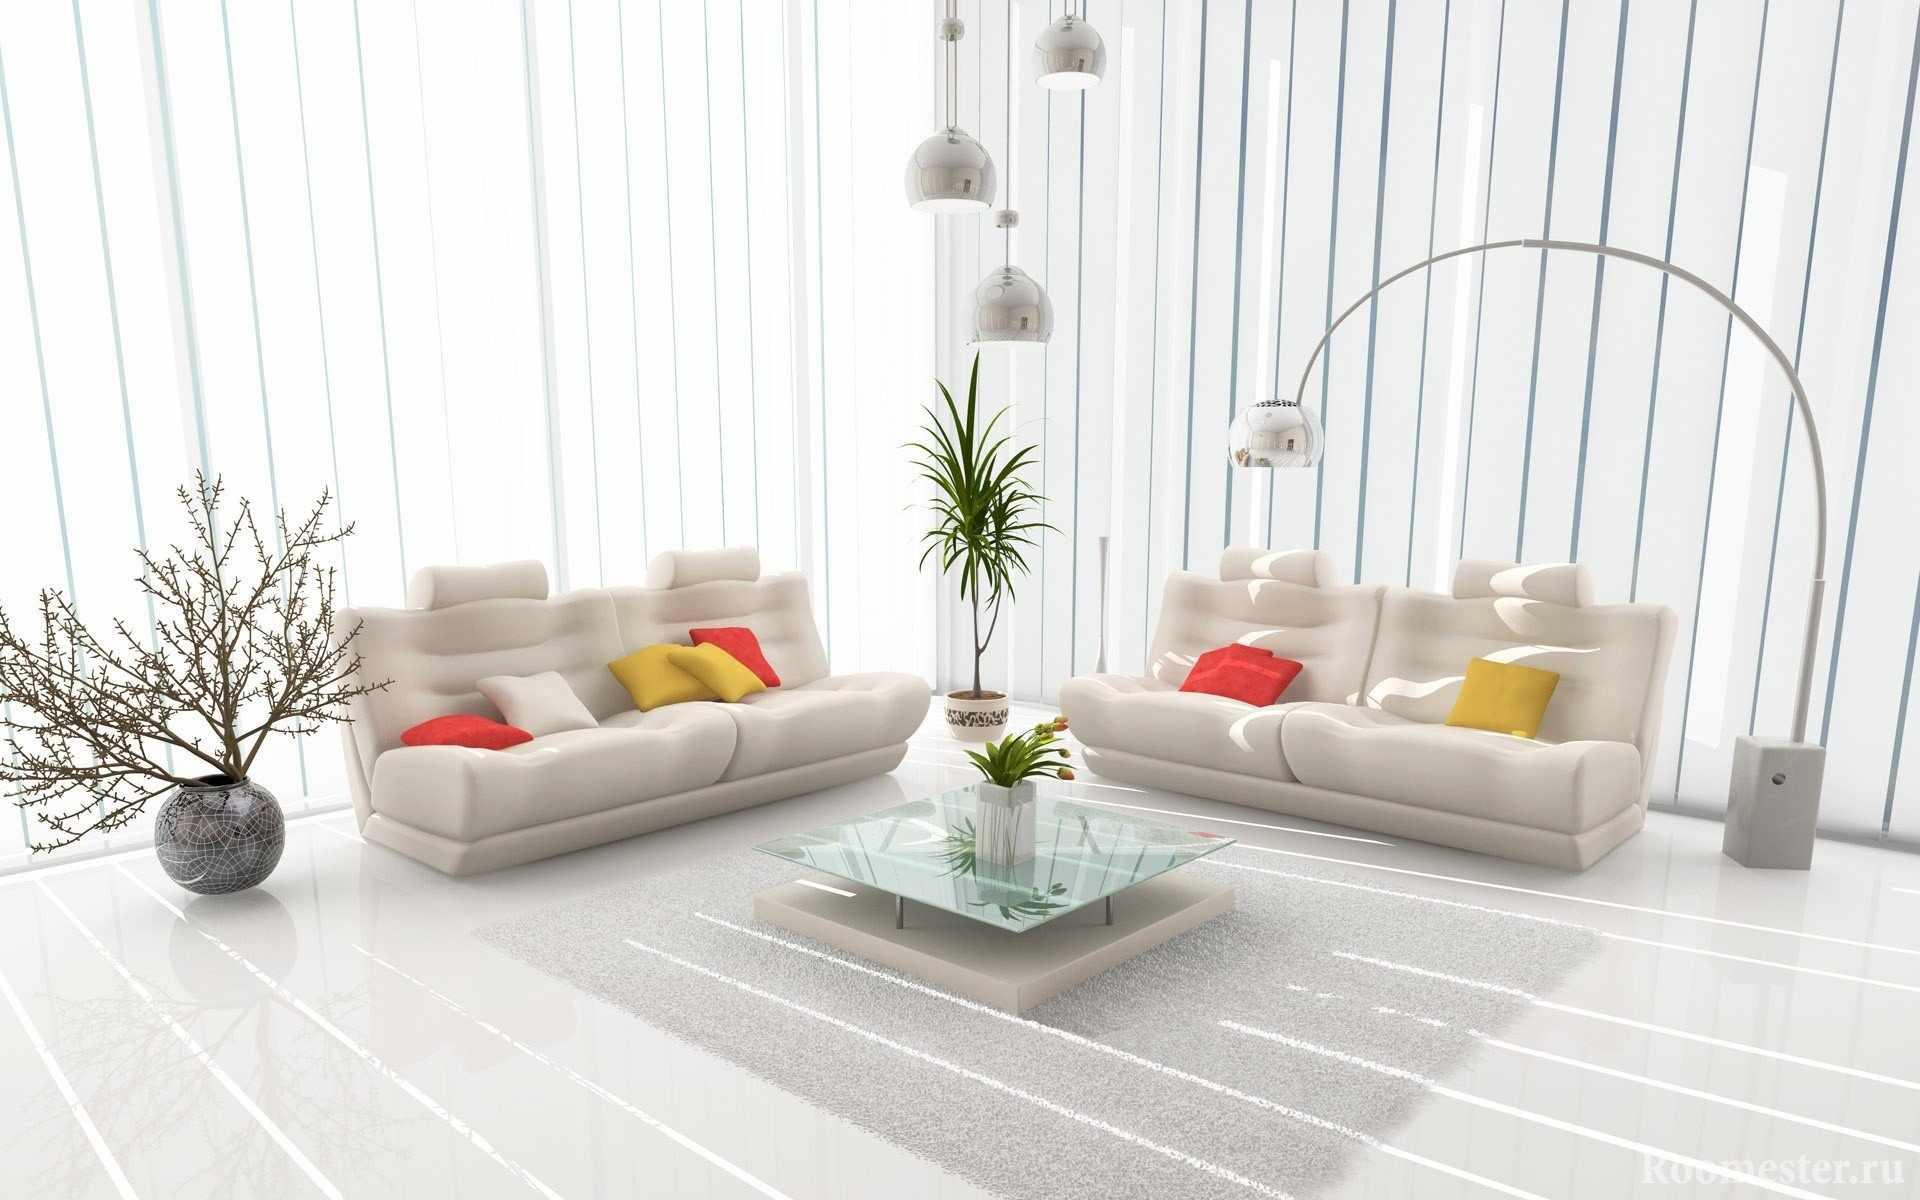 Яркие подушки на белых диванах в гостиной